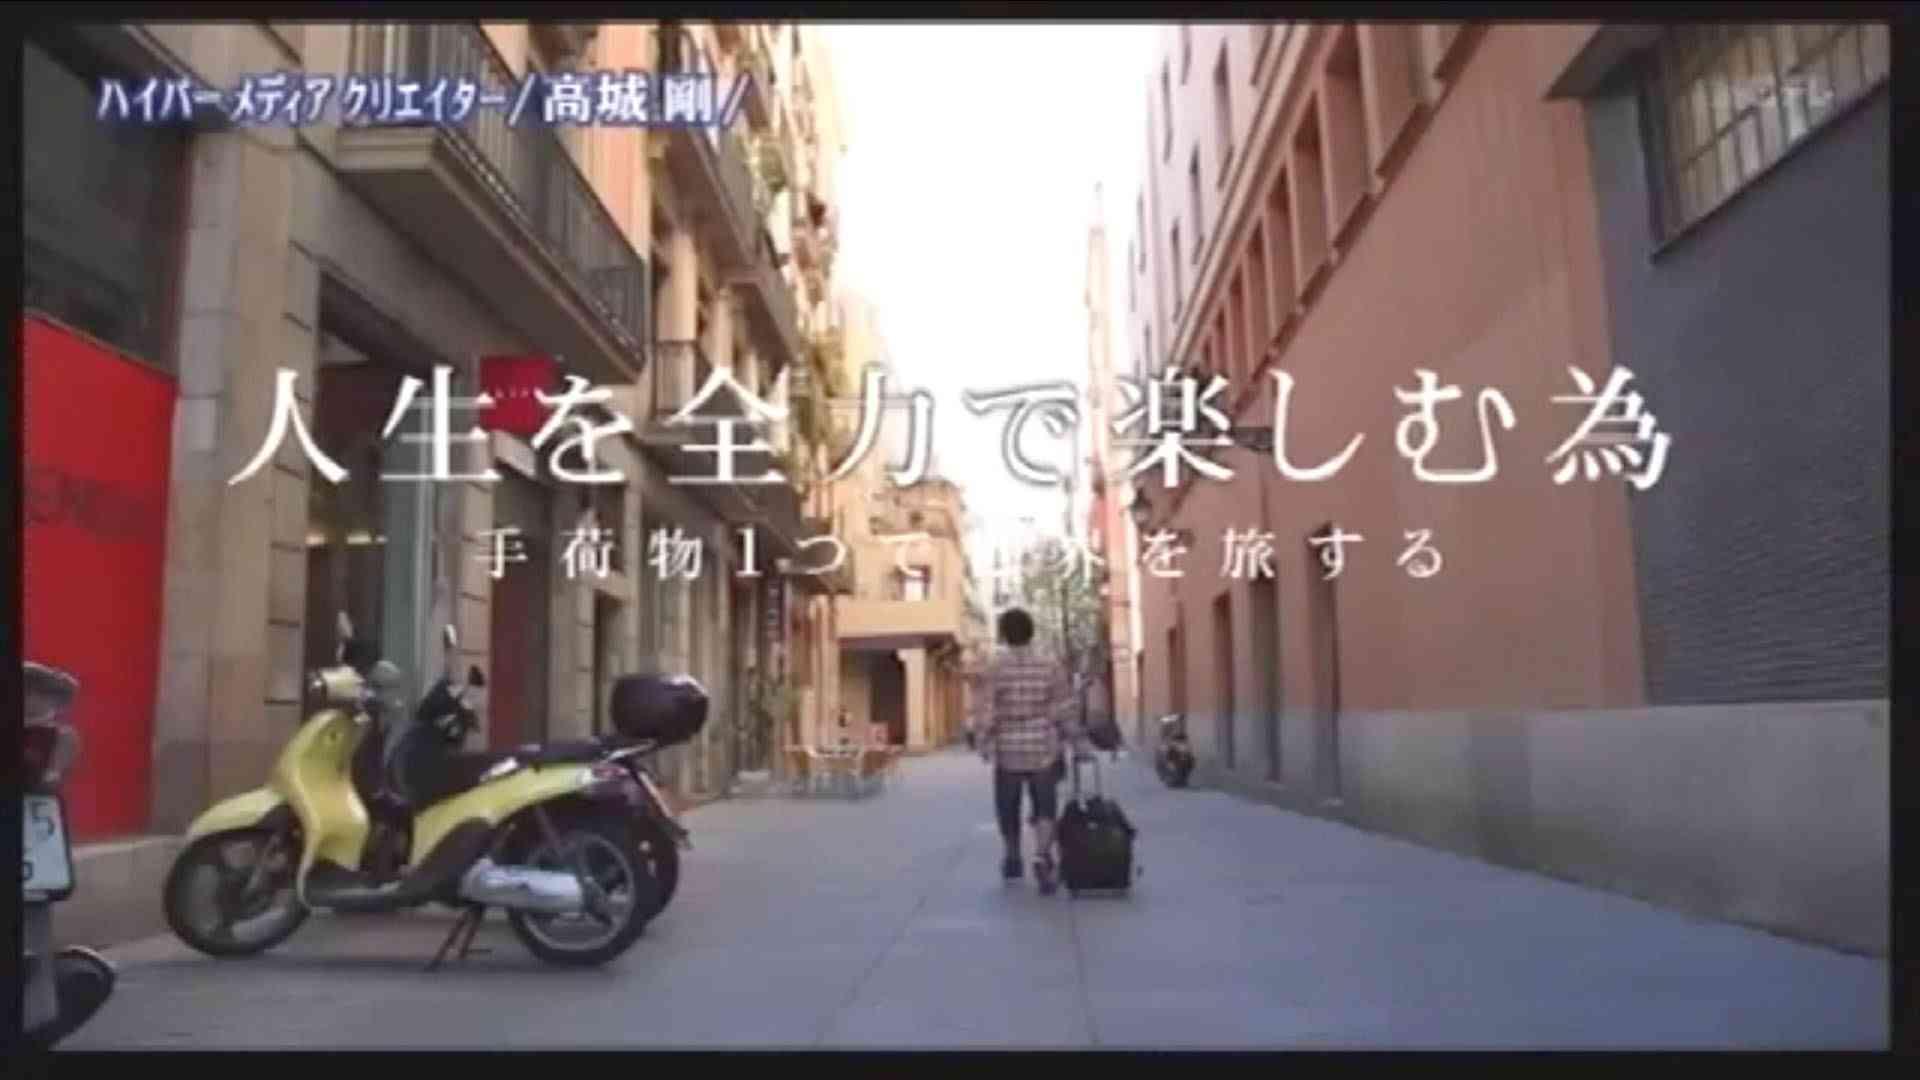 高城 剛 カバンの中身 - 世界中を手荷物1つで旅をする - YouTube